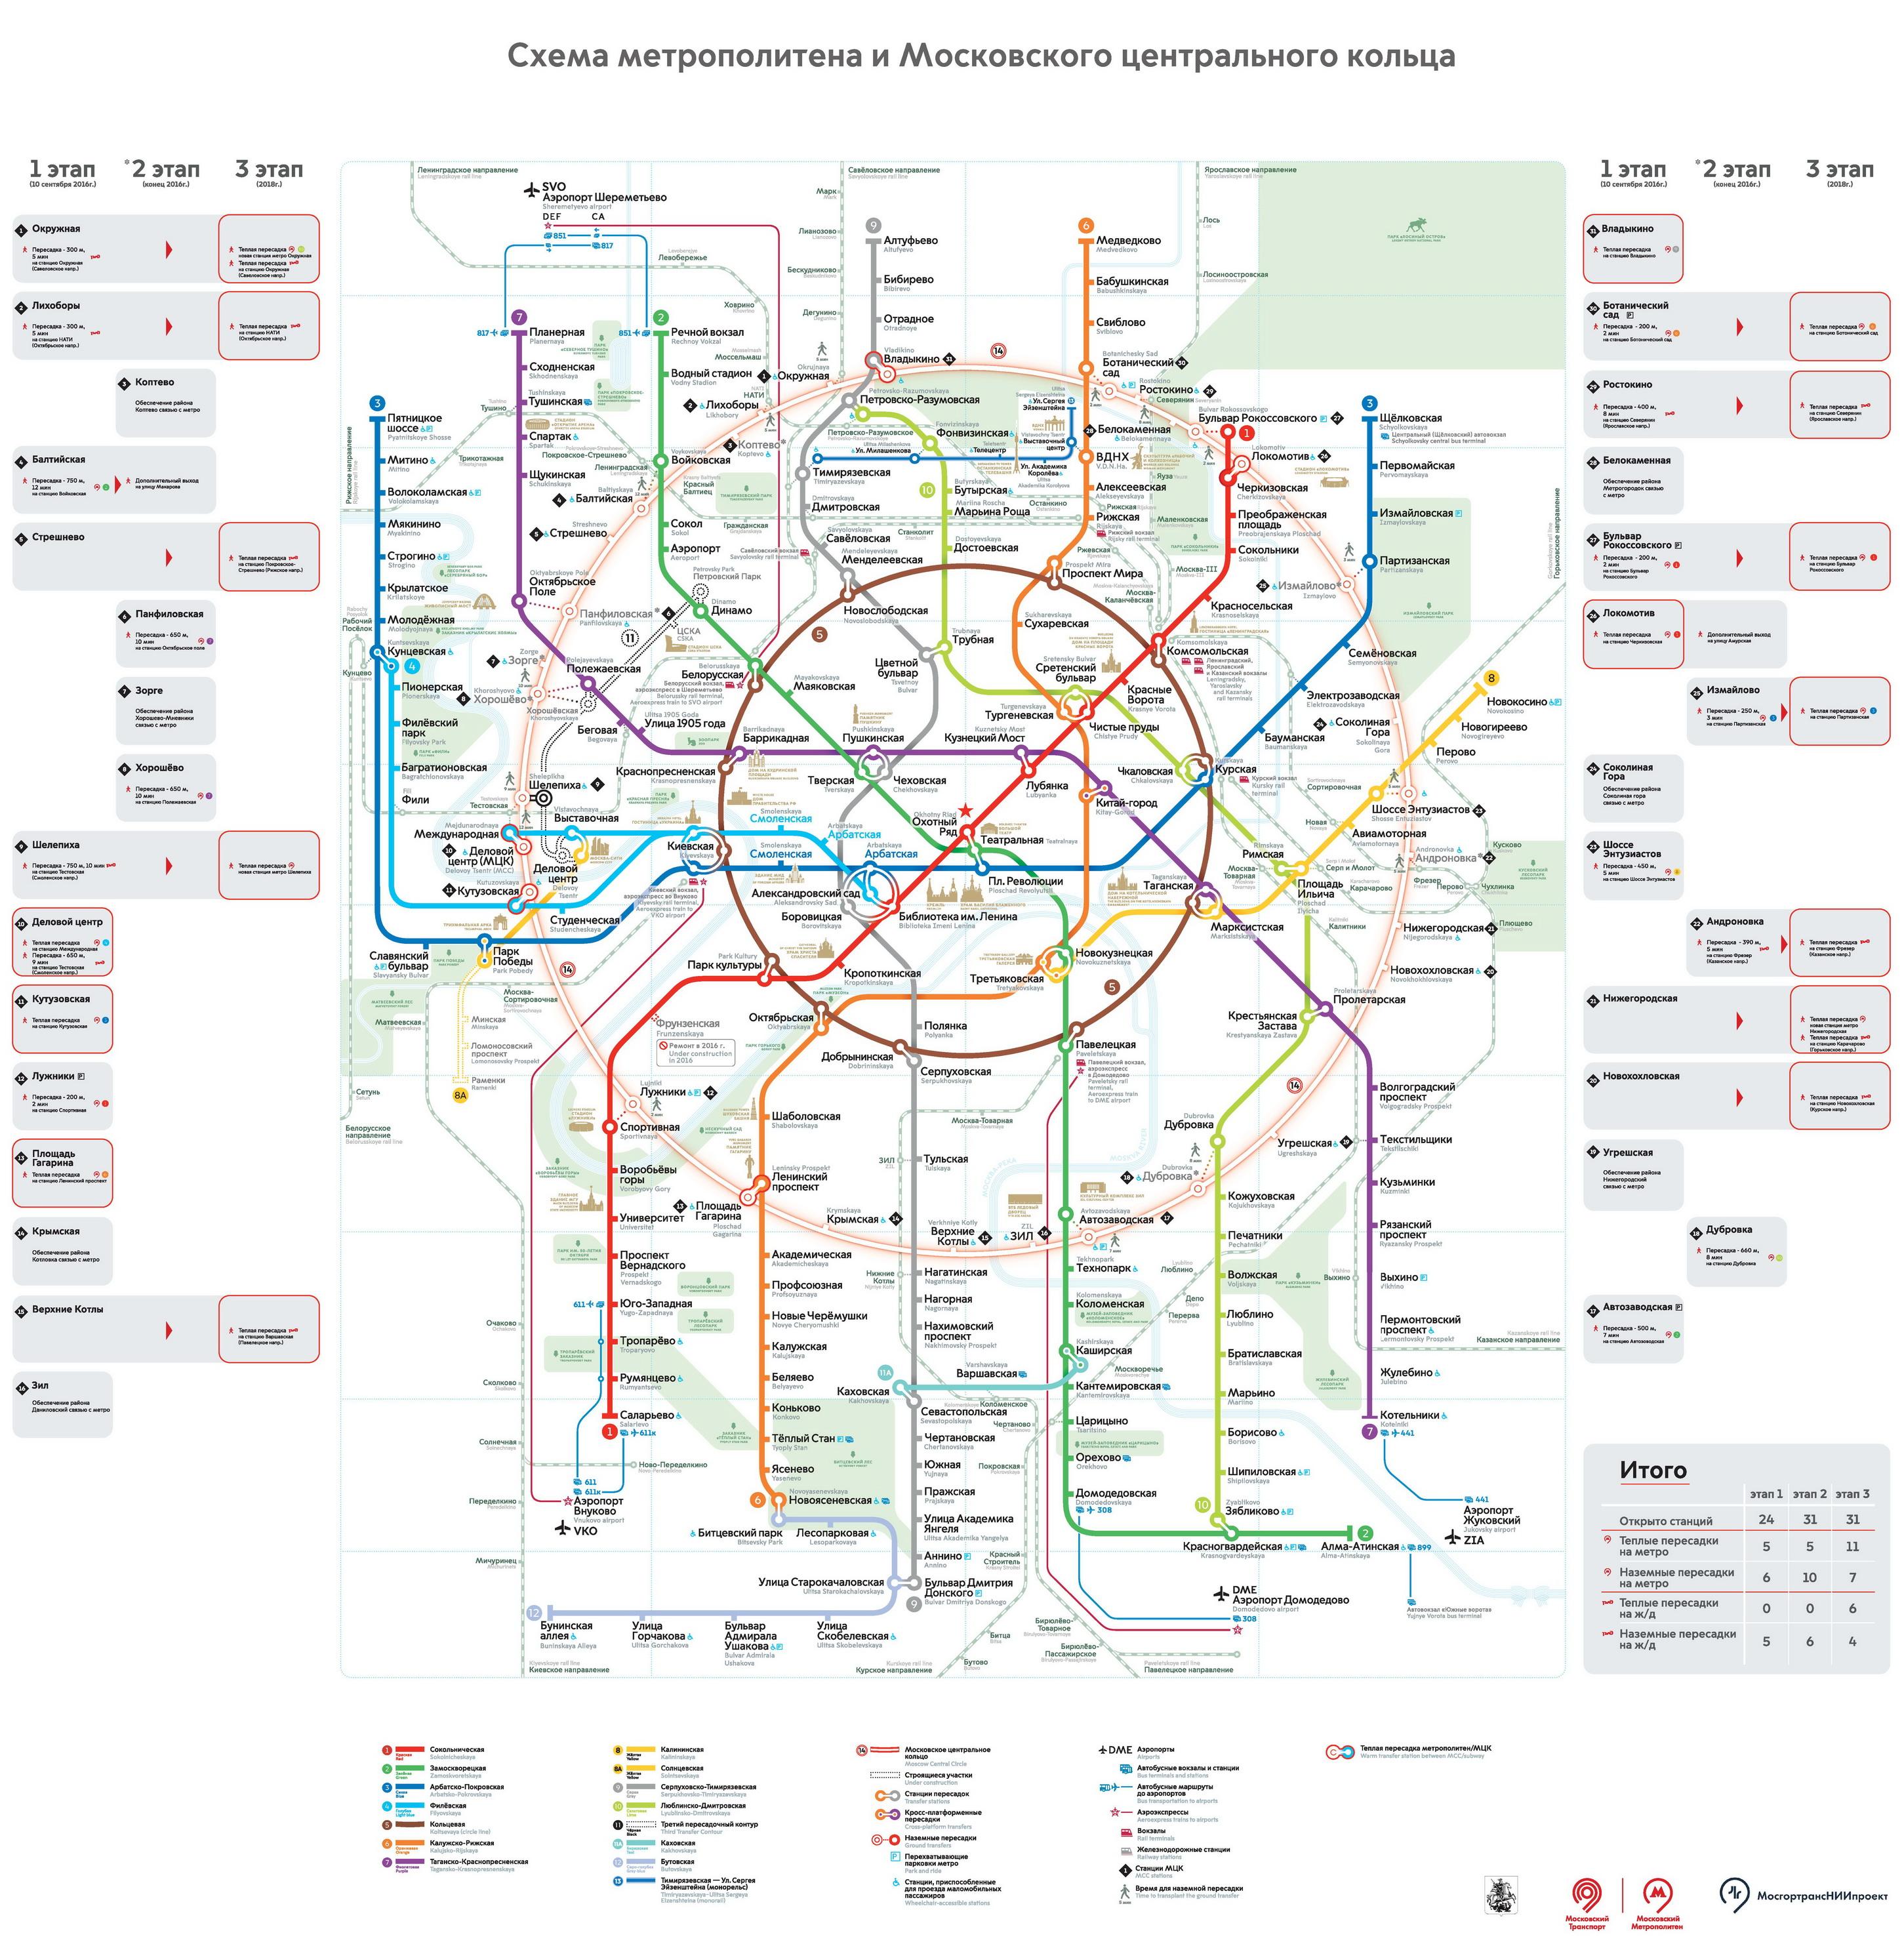 Схема метро и МЦК